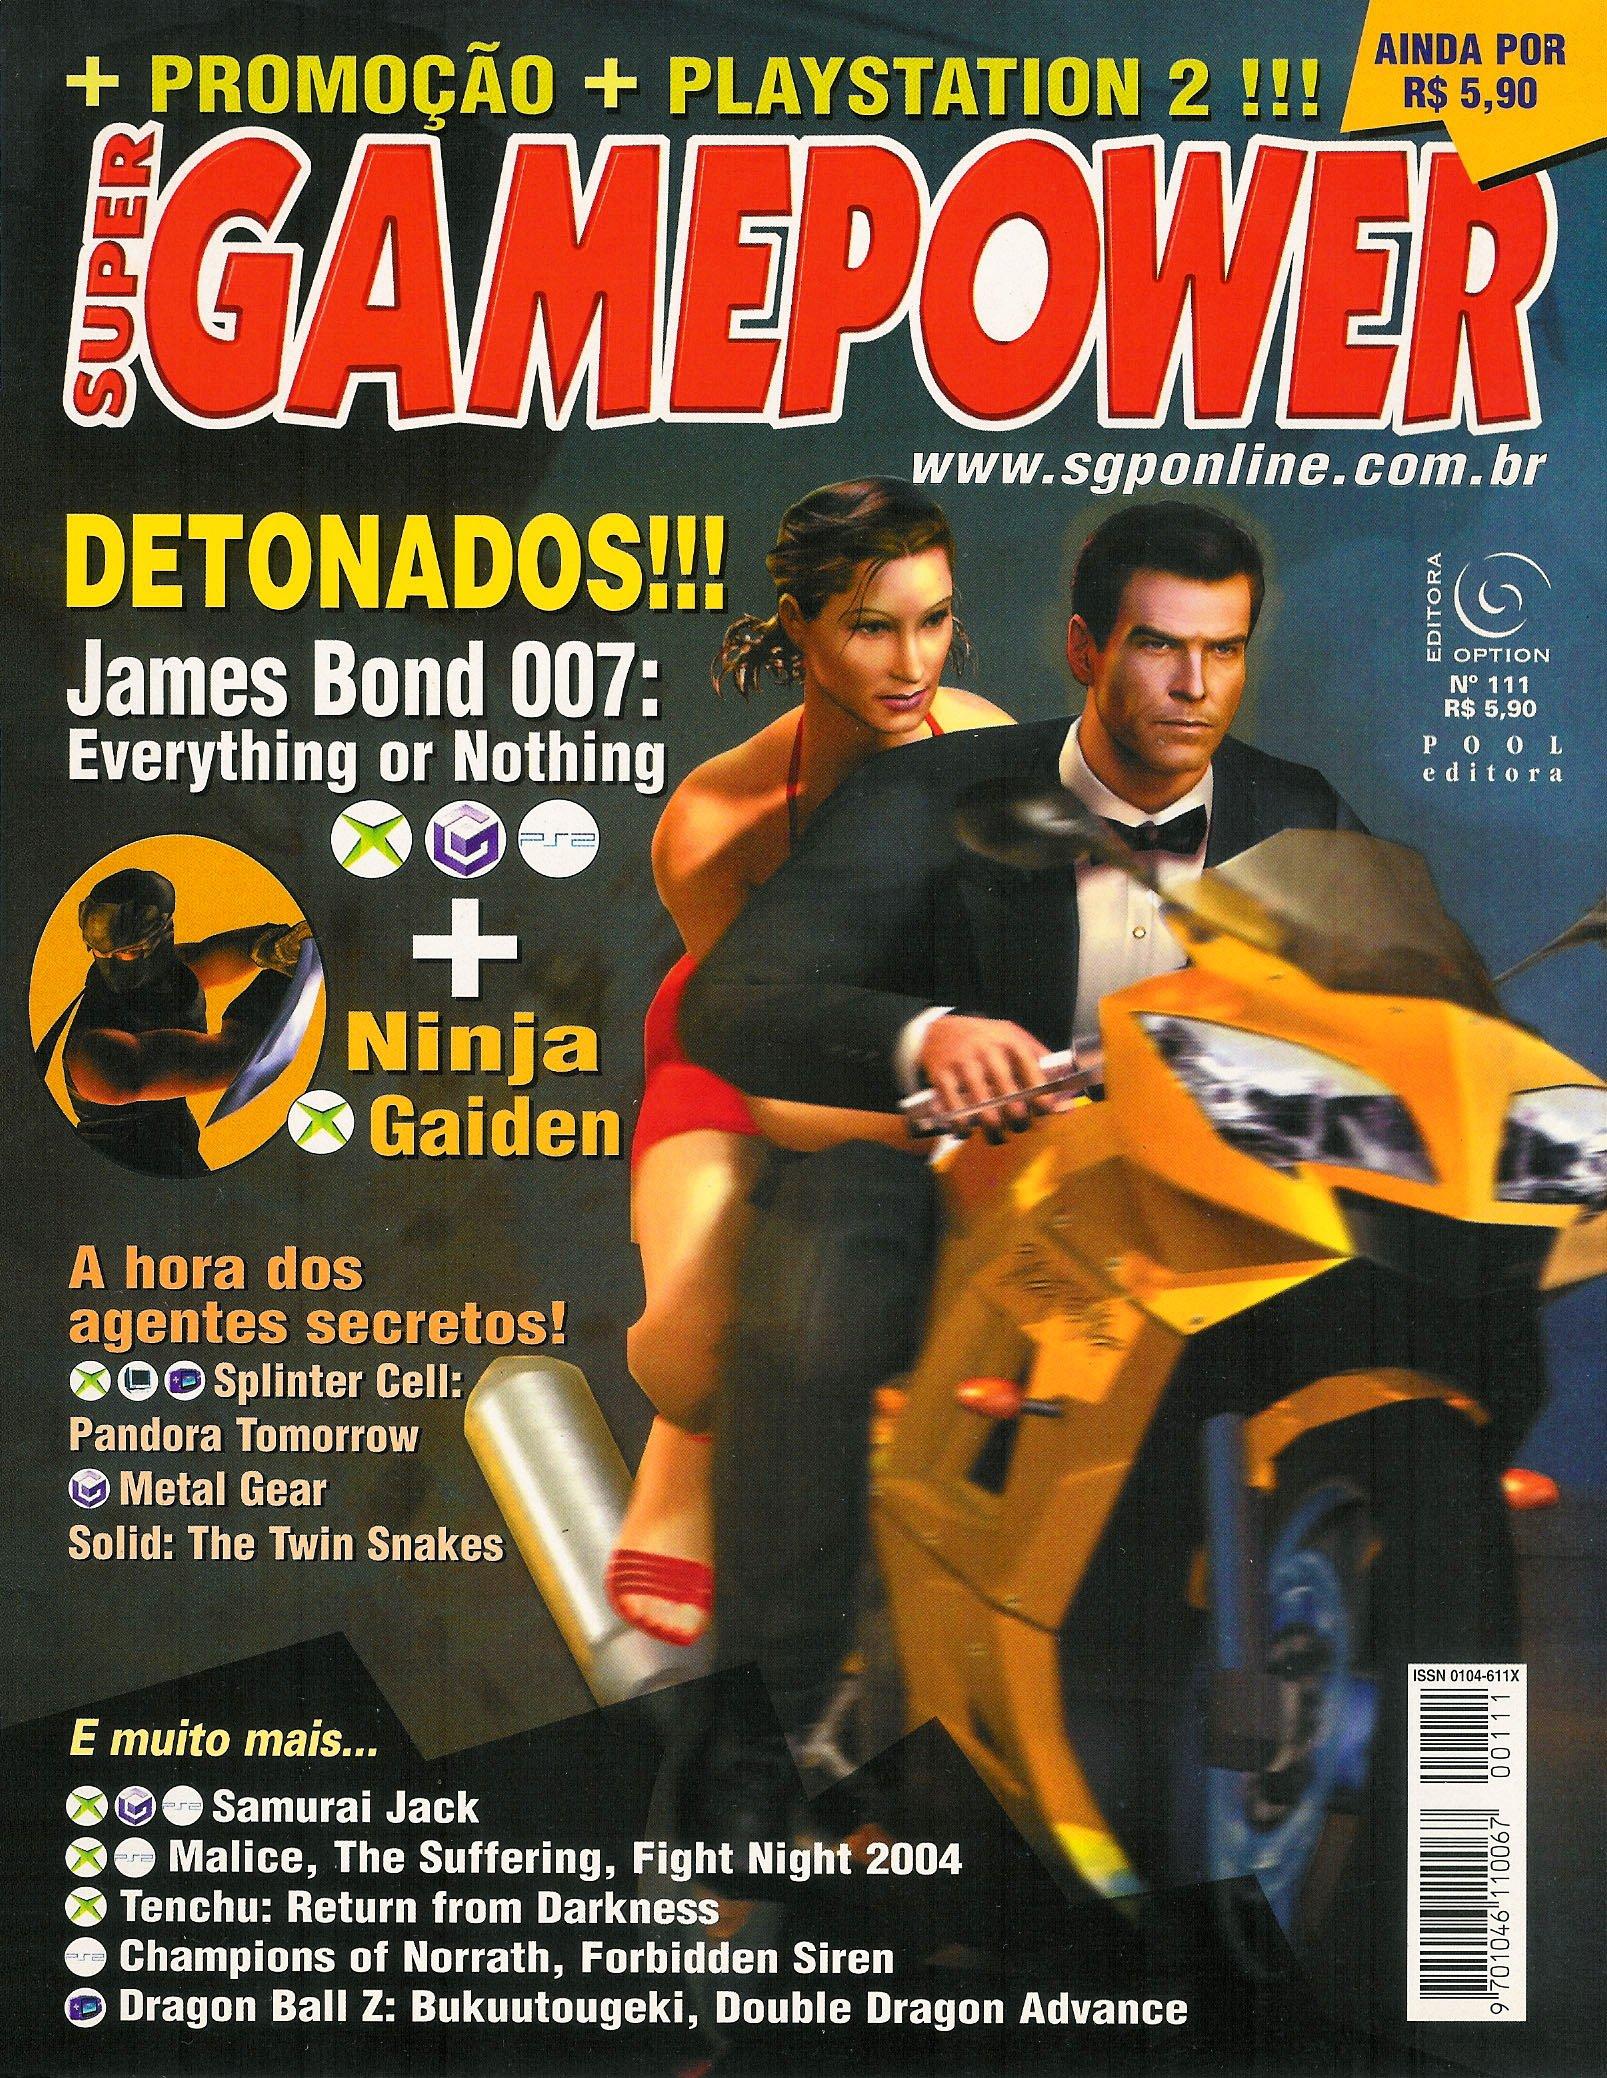 SuperGamePower Issue 111 (2004)